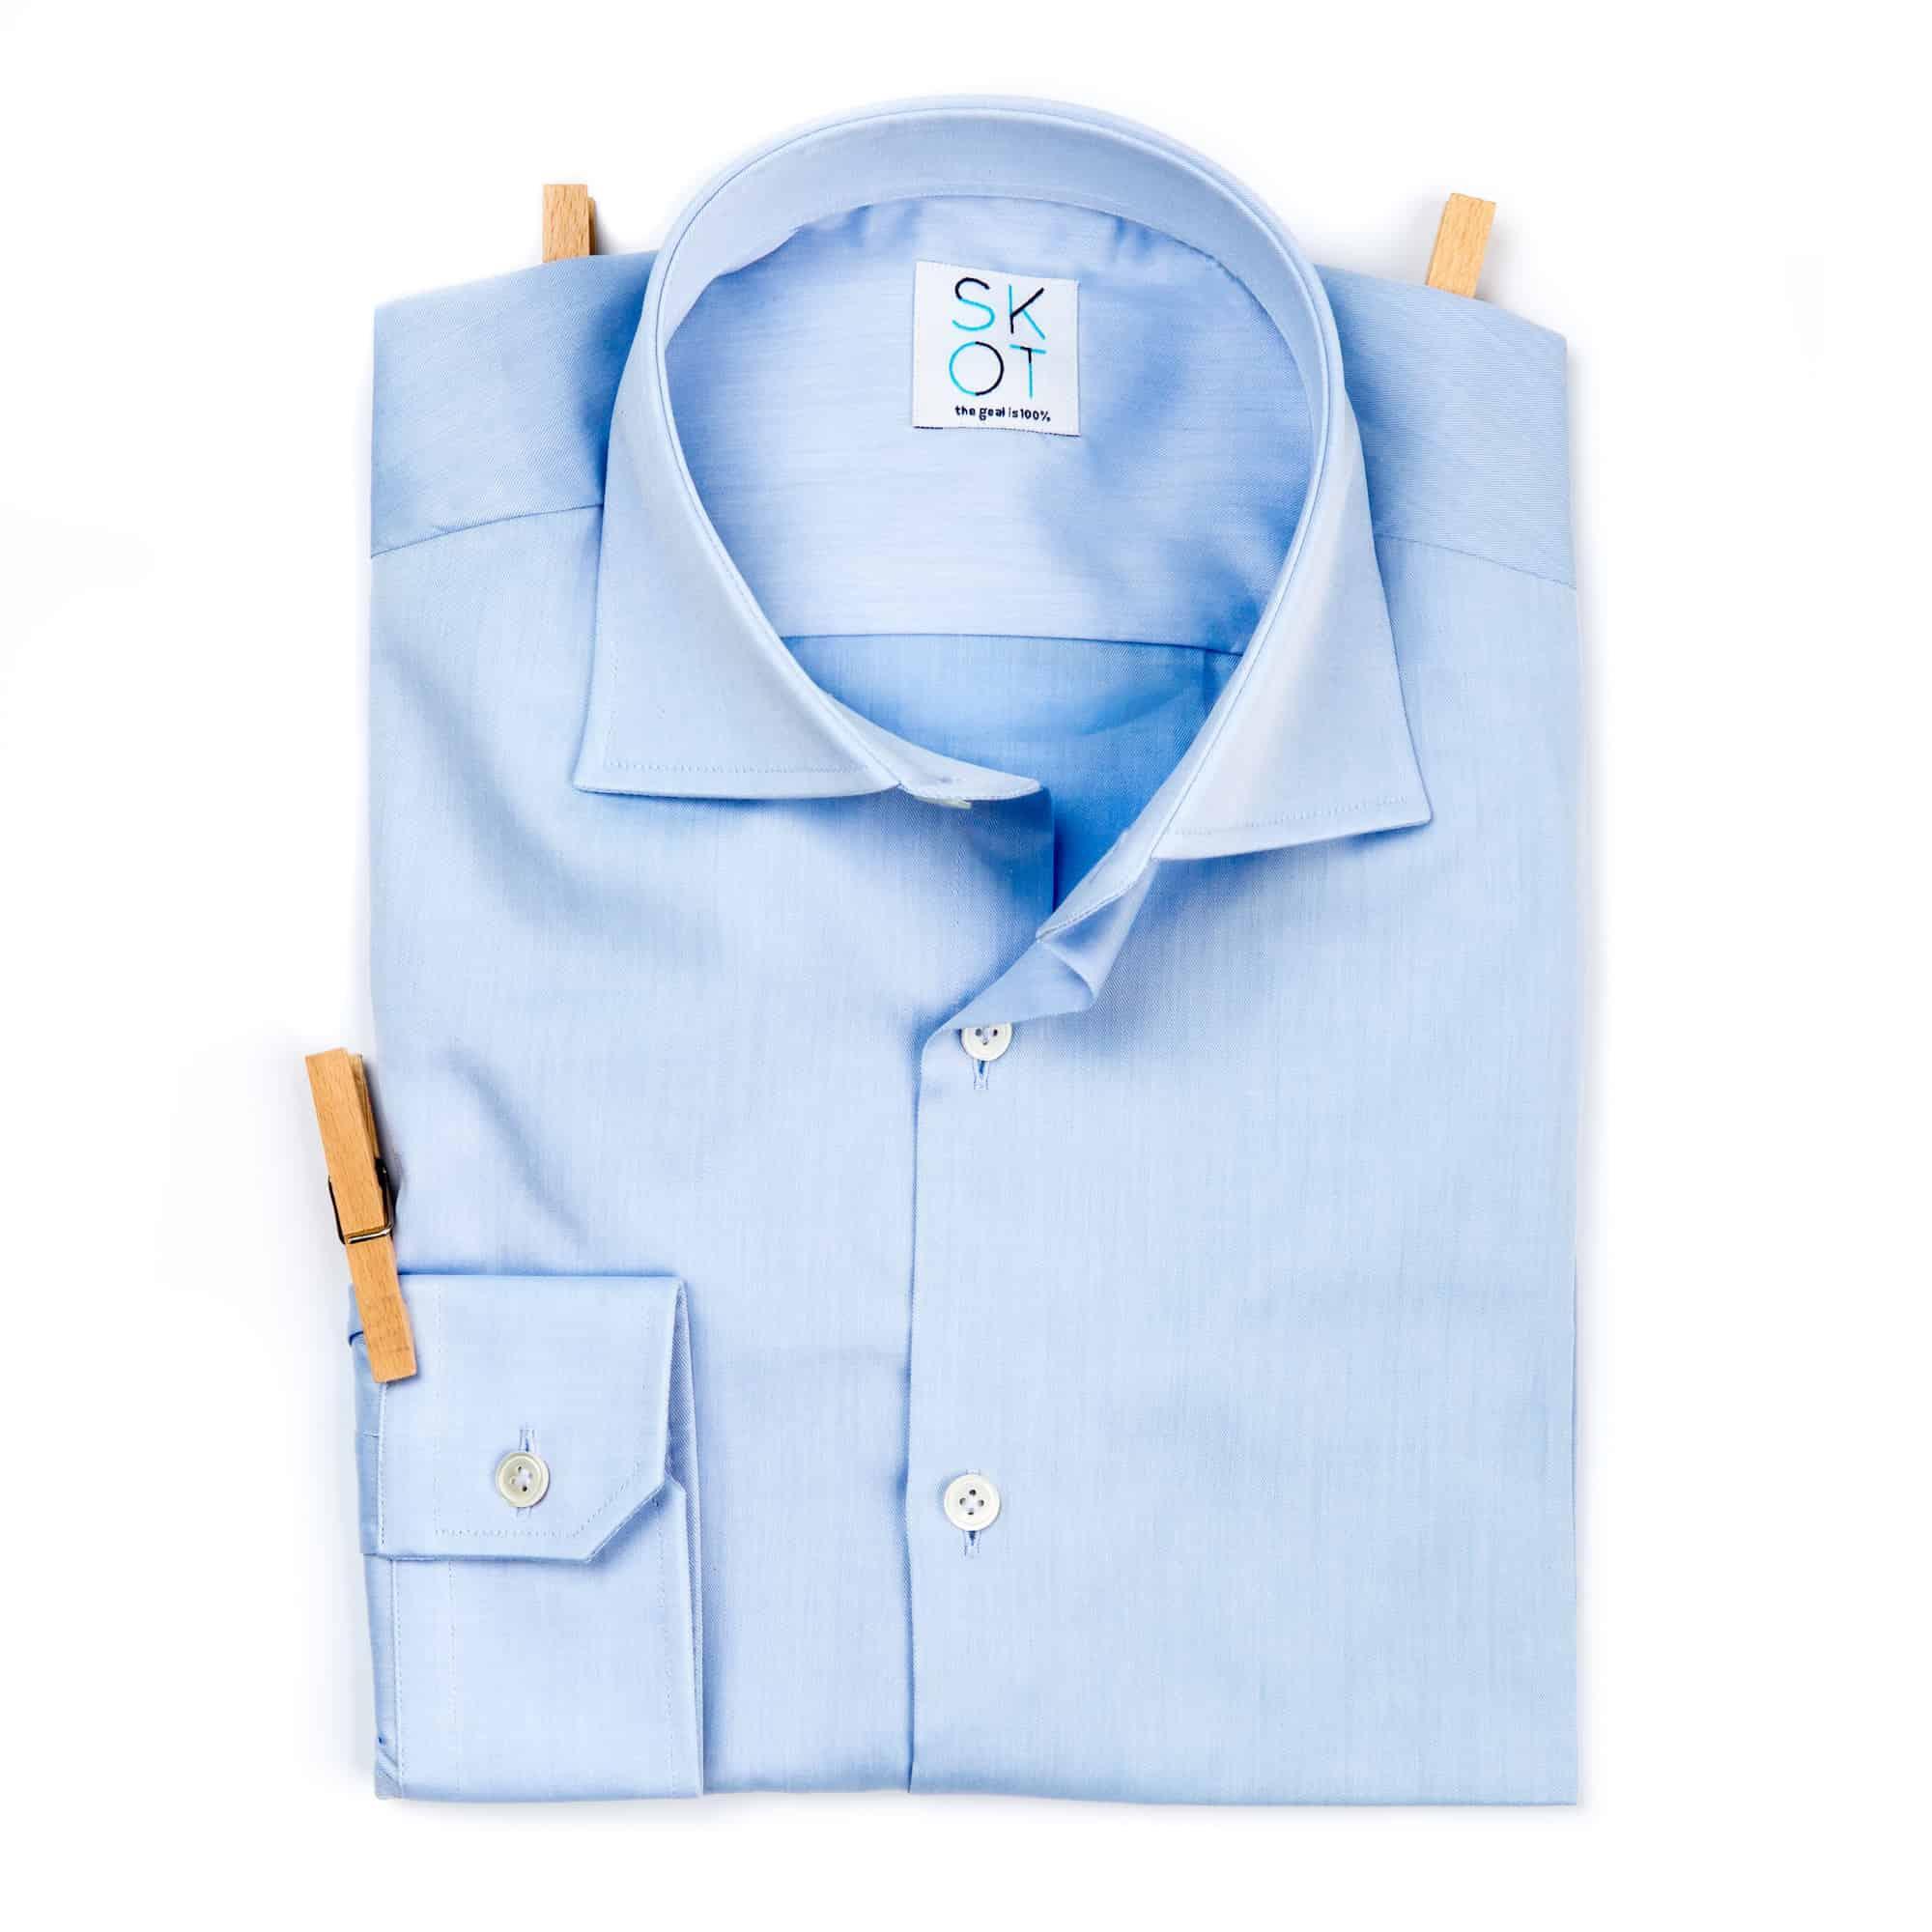 SKOT overhemd